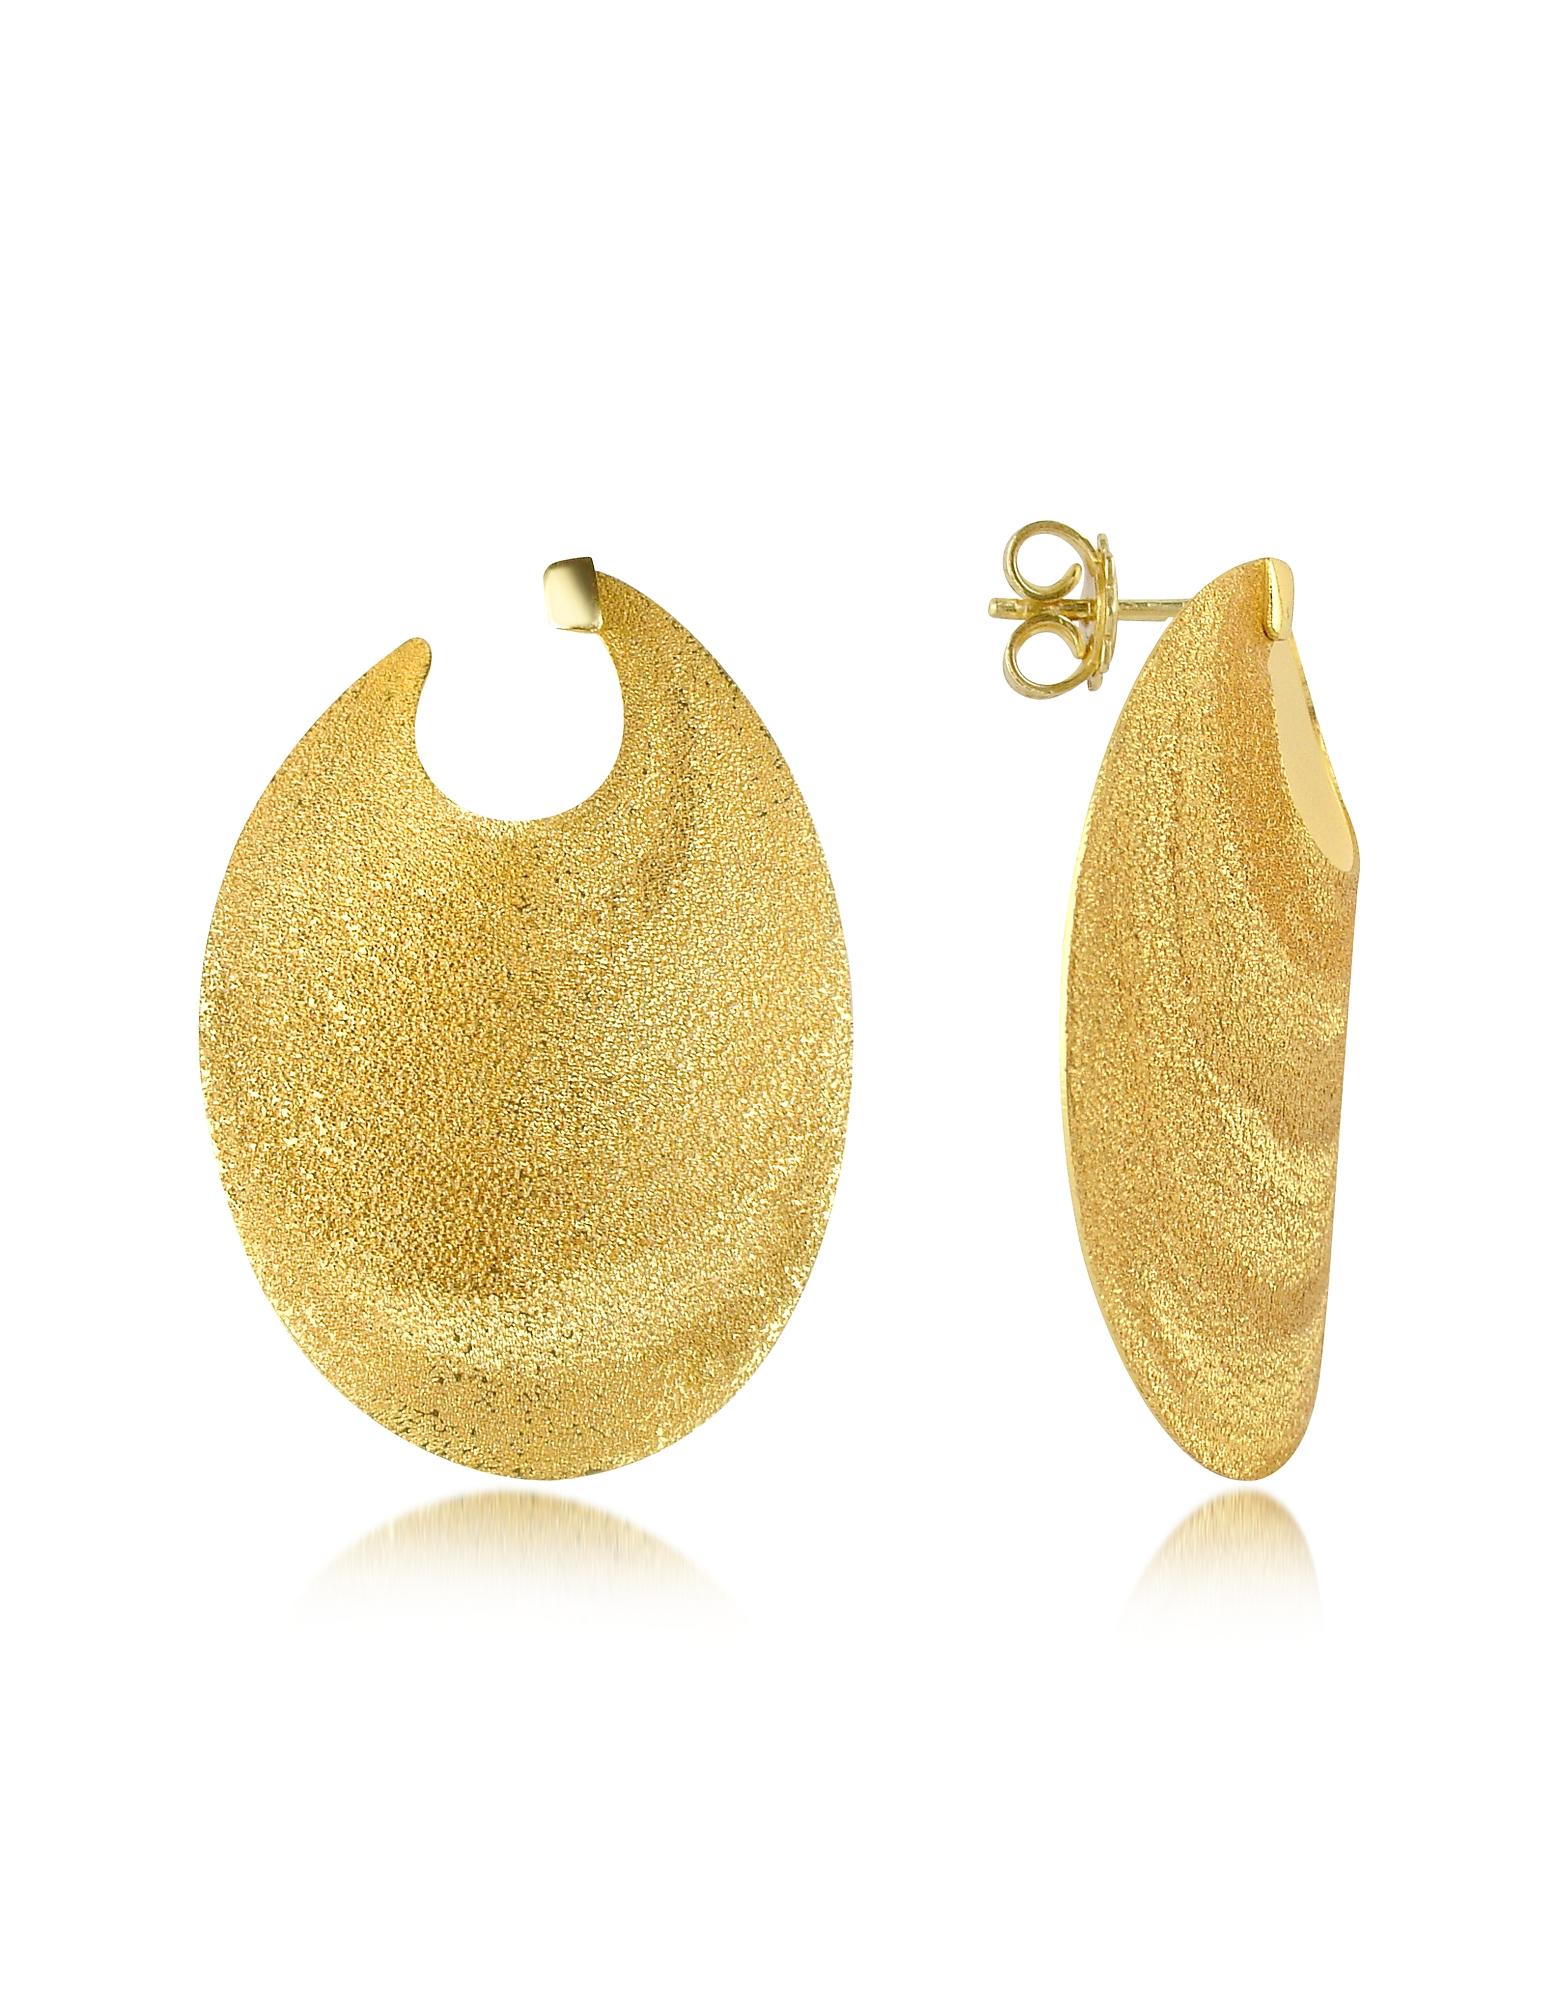 Stefano Patriarchi Earrings, Golden Silver Etched Oval Shield Drop Earrings